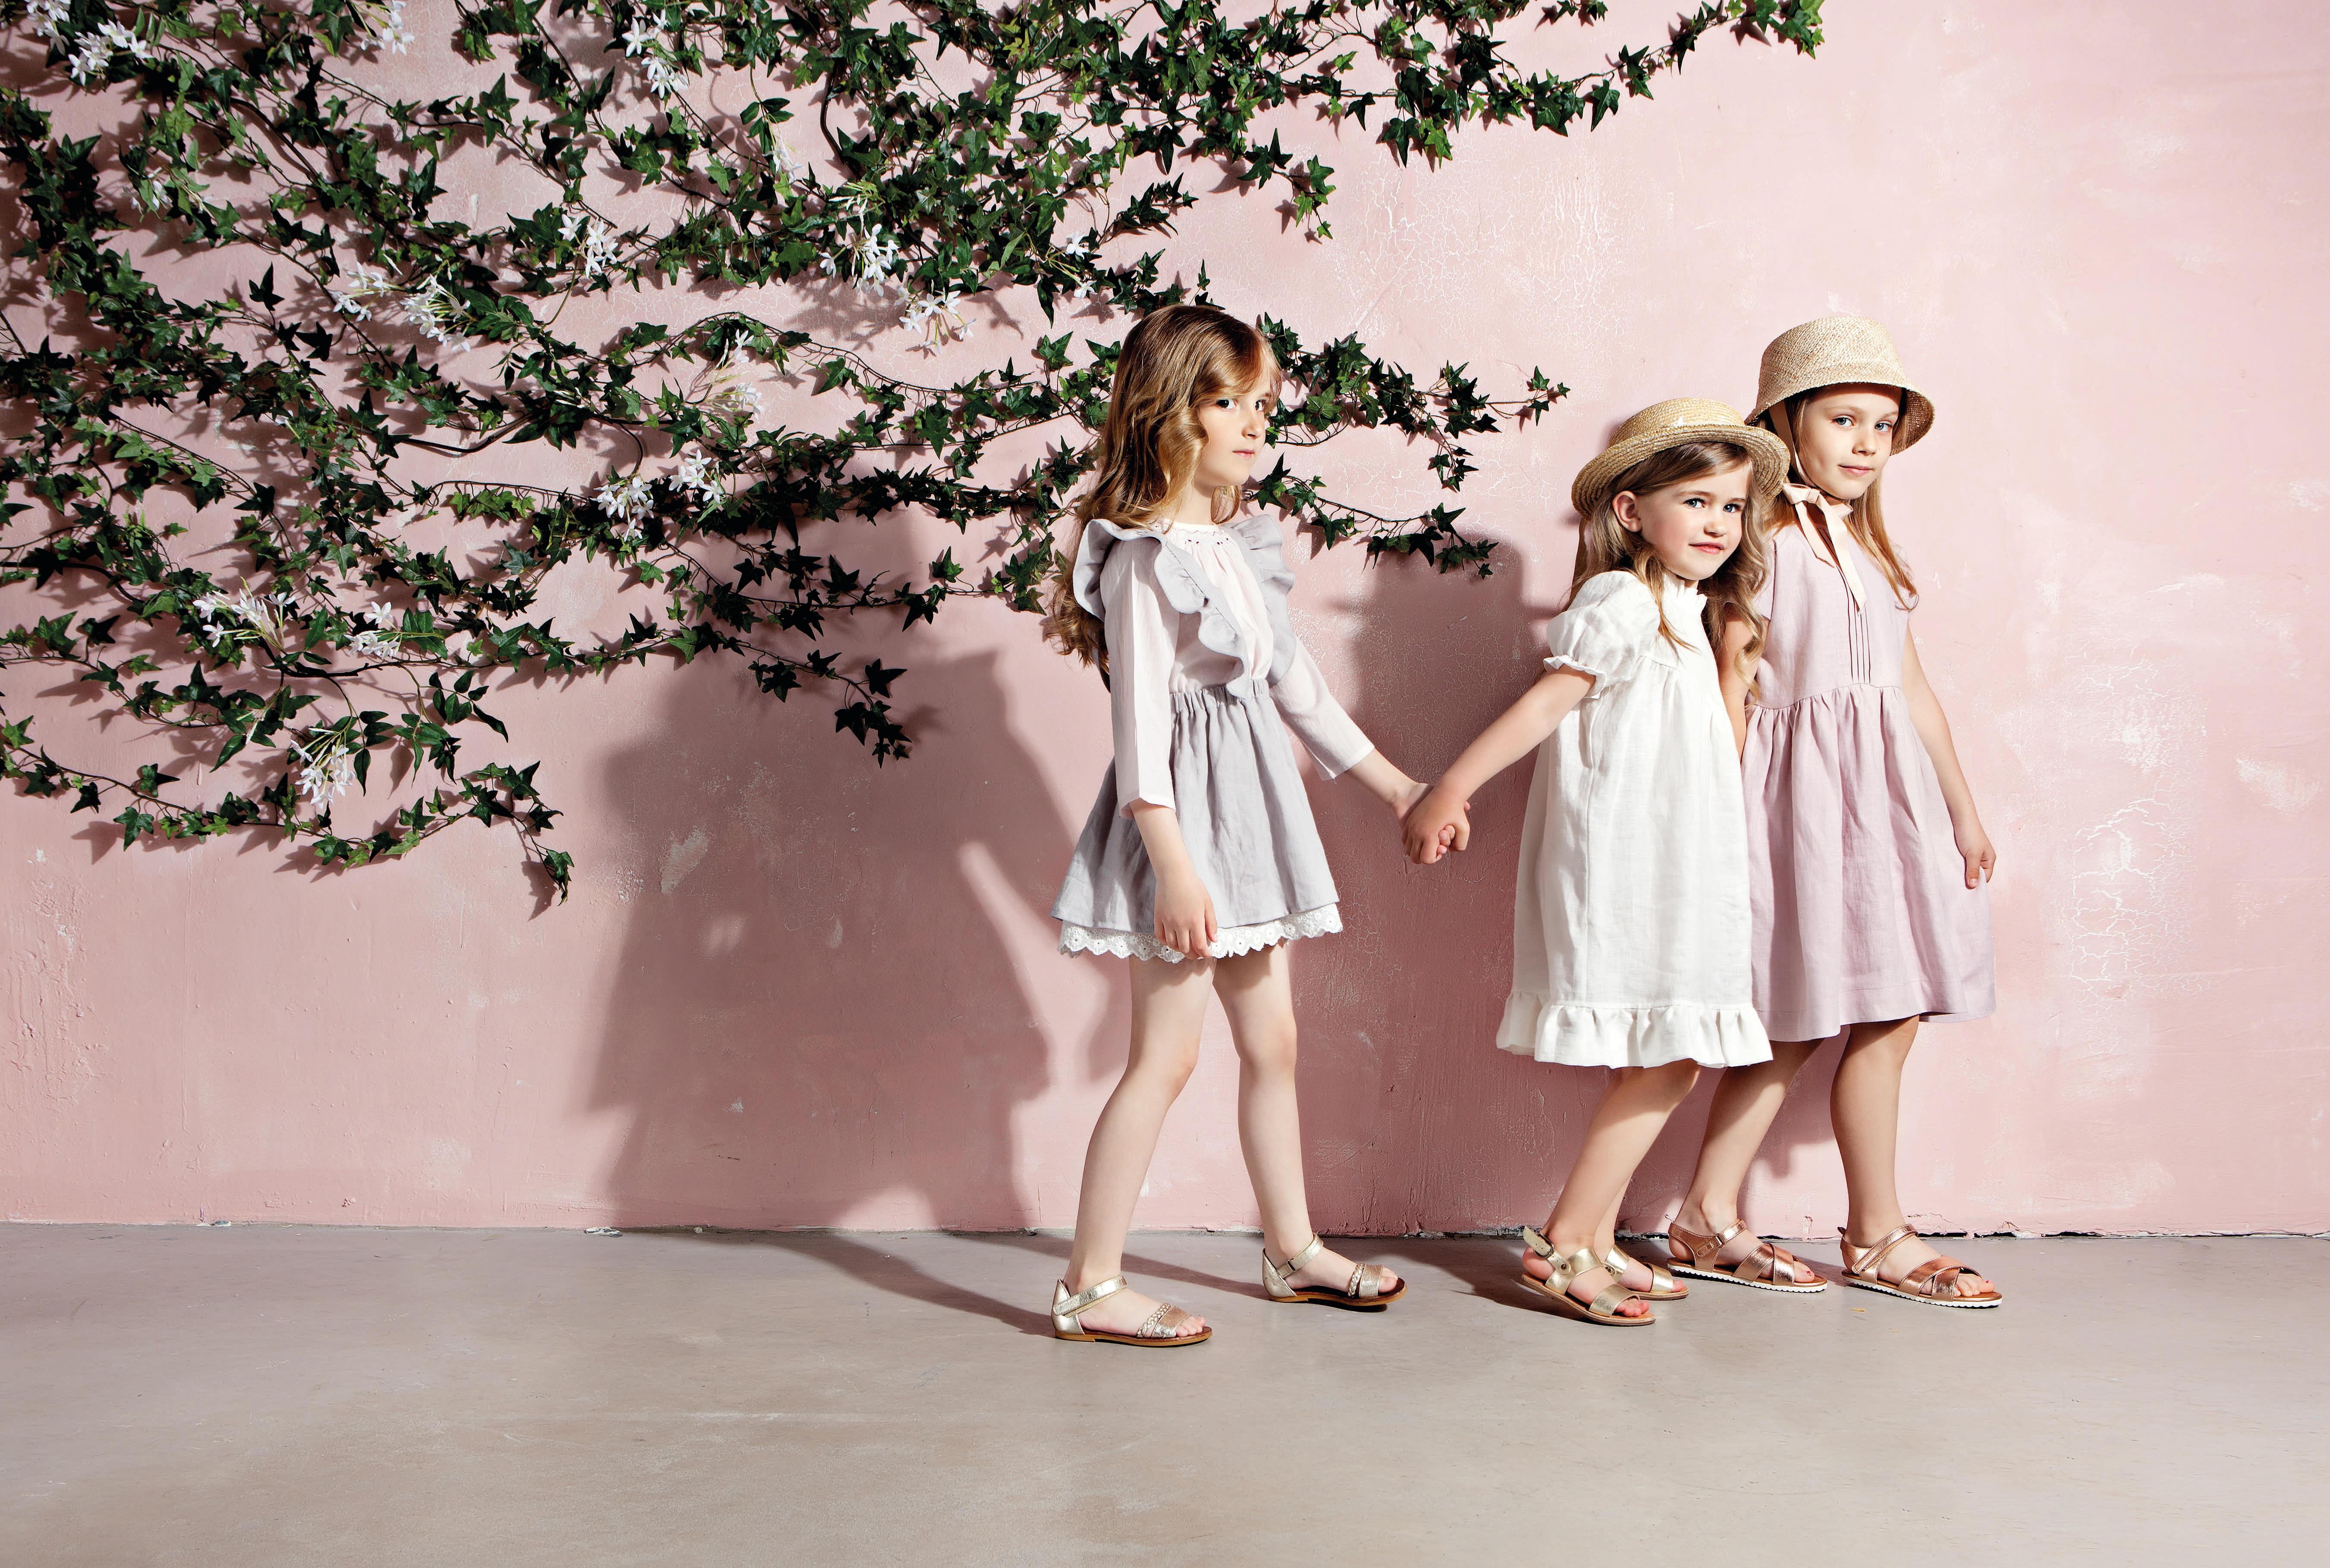 32013aba76fb BEBE ORGANIC marca tendencias de moda sostenibles, clásicas y hechas a mano  - Nueve 36 am